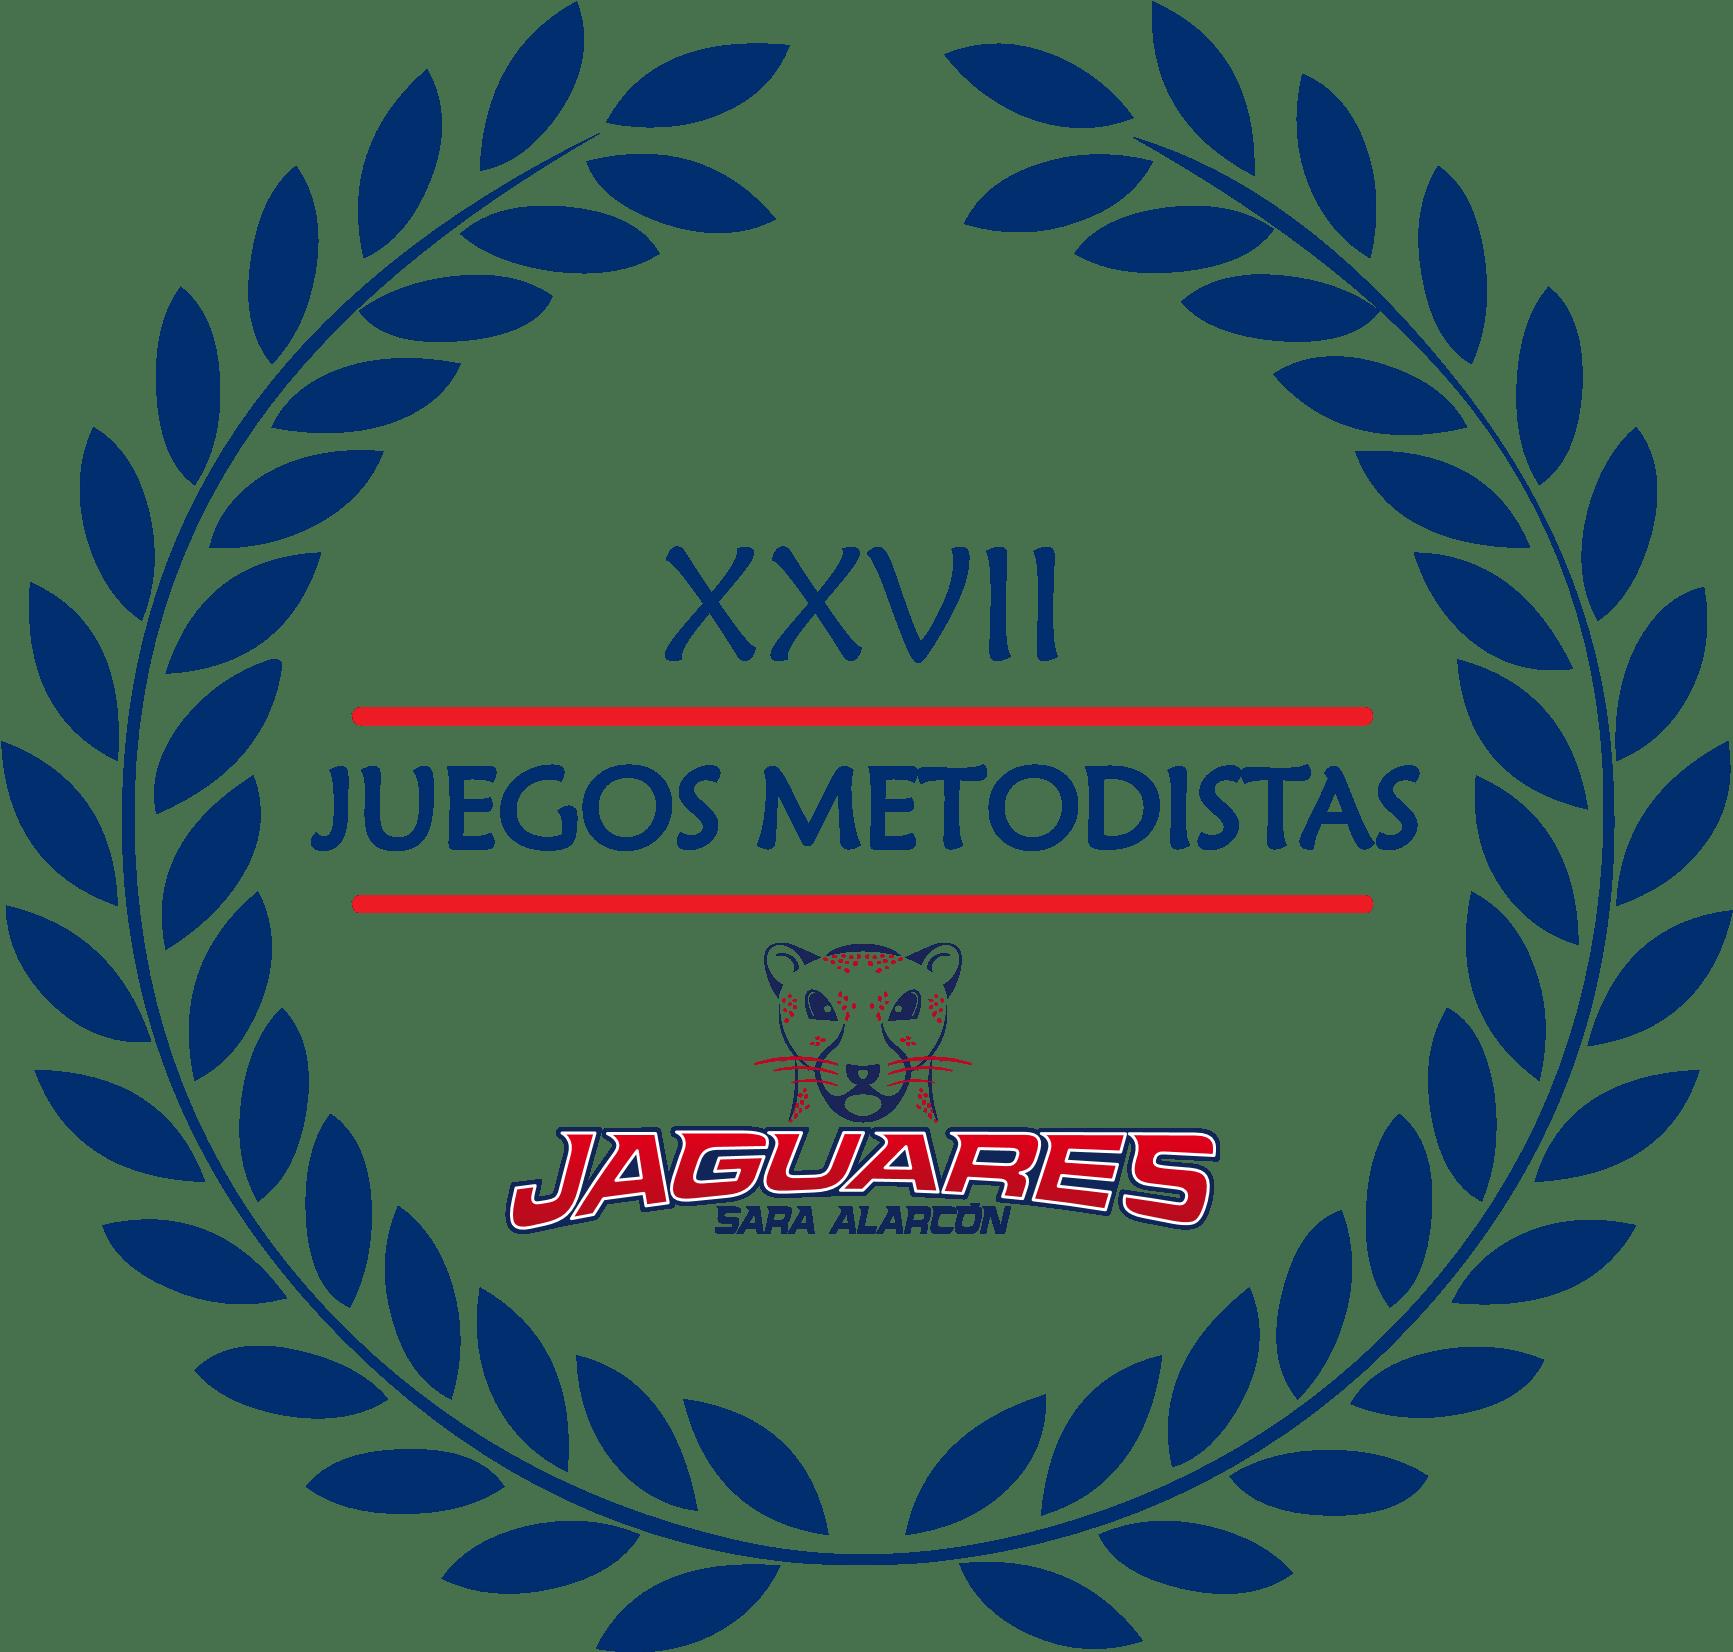 juegos intermetodistas 2019